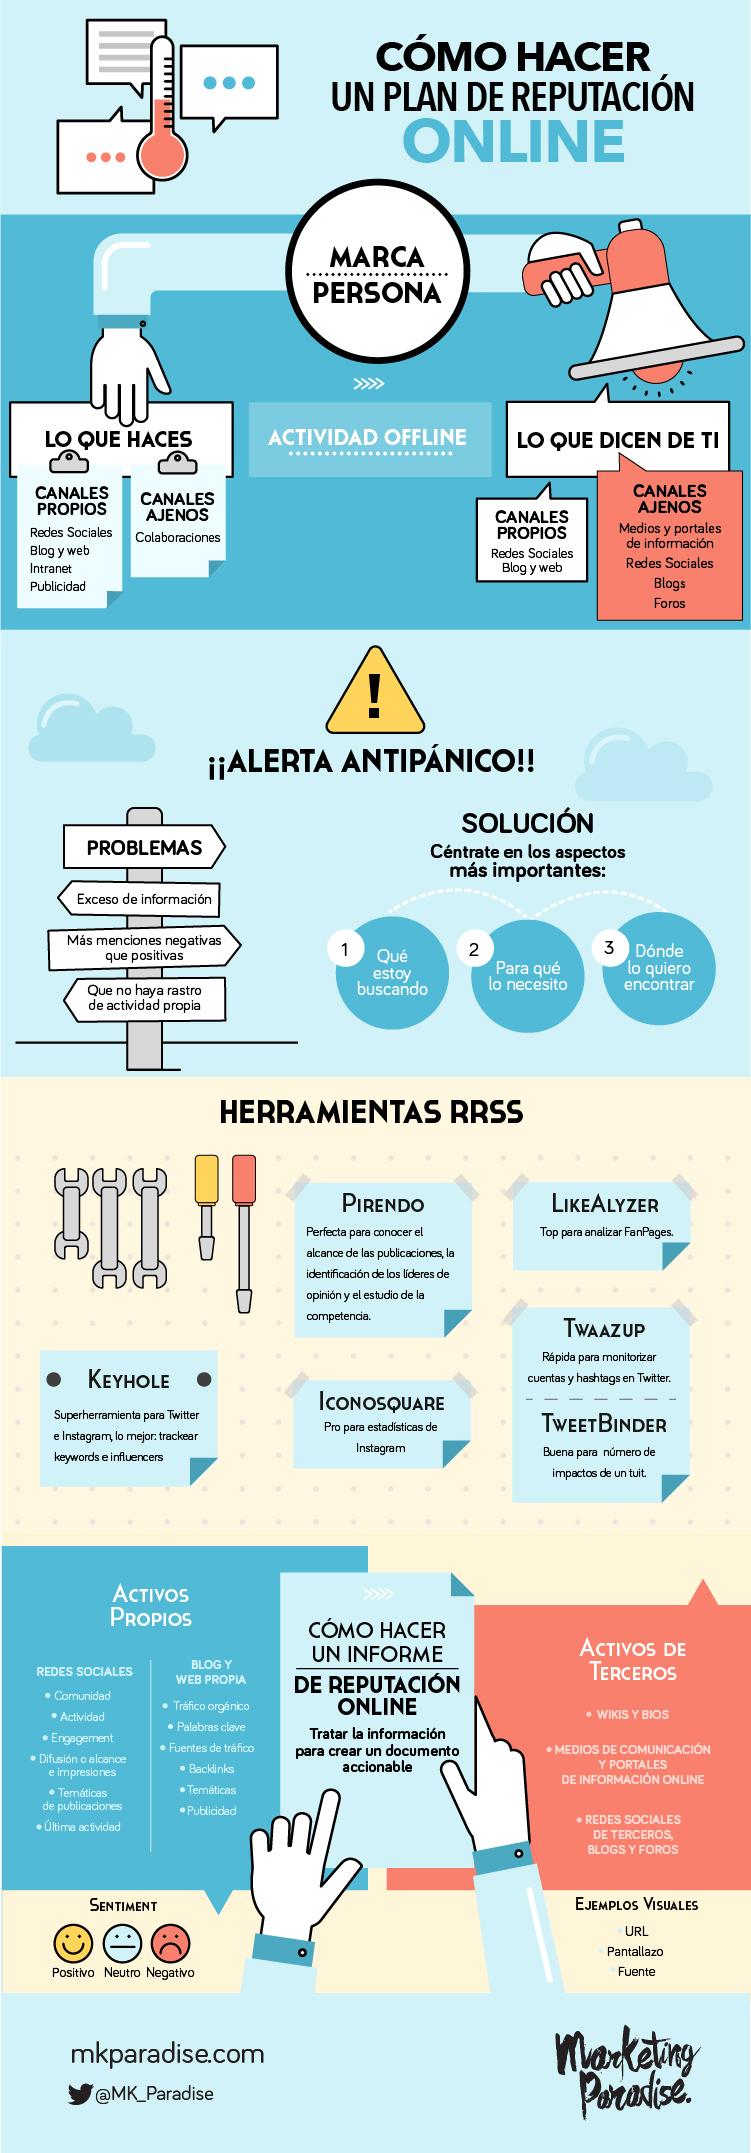 Cómo hacer un Plan de Reputación online #infografia #infographic #marketing